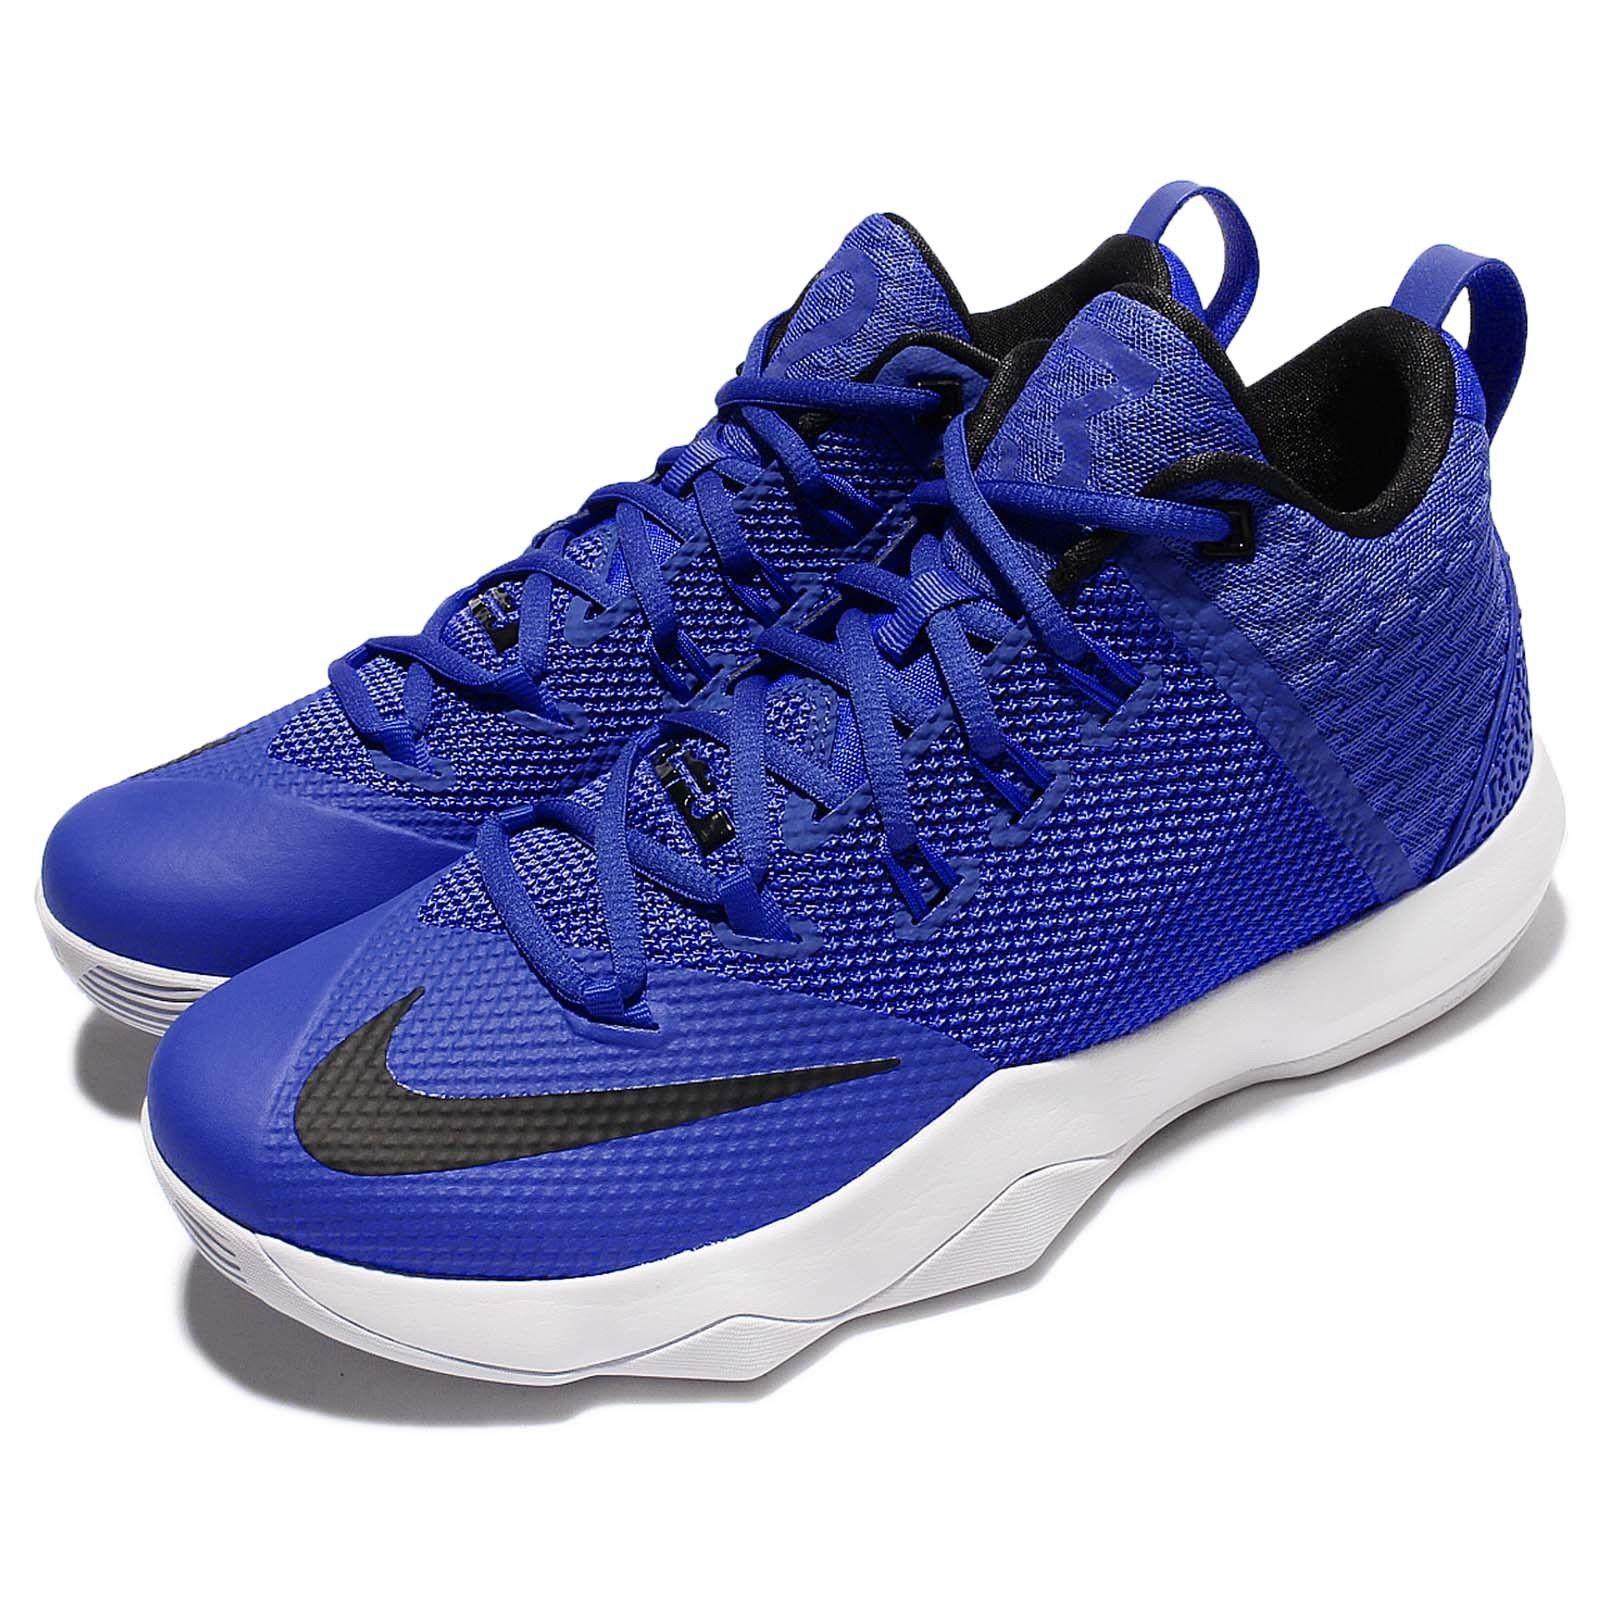 promo code 7b658 9af66 Nike Lebron Ambassador 9 – Royal Blue – Full